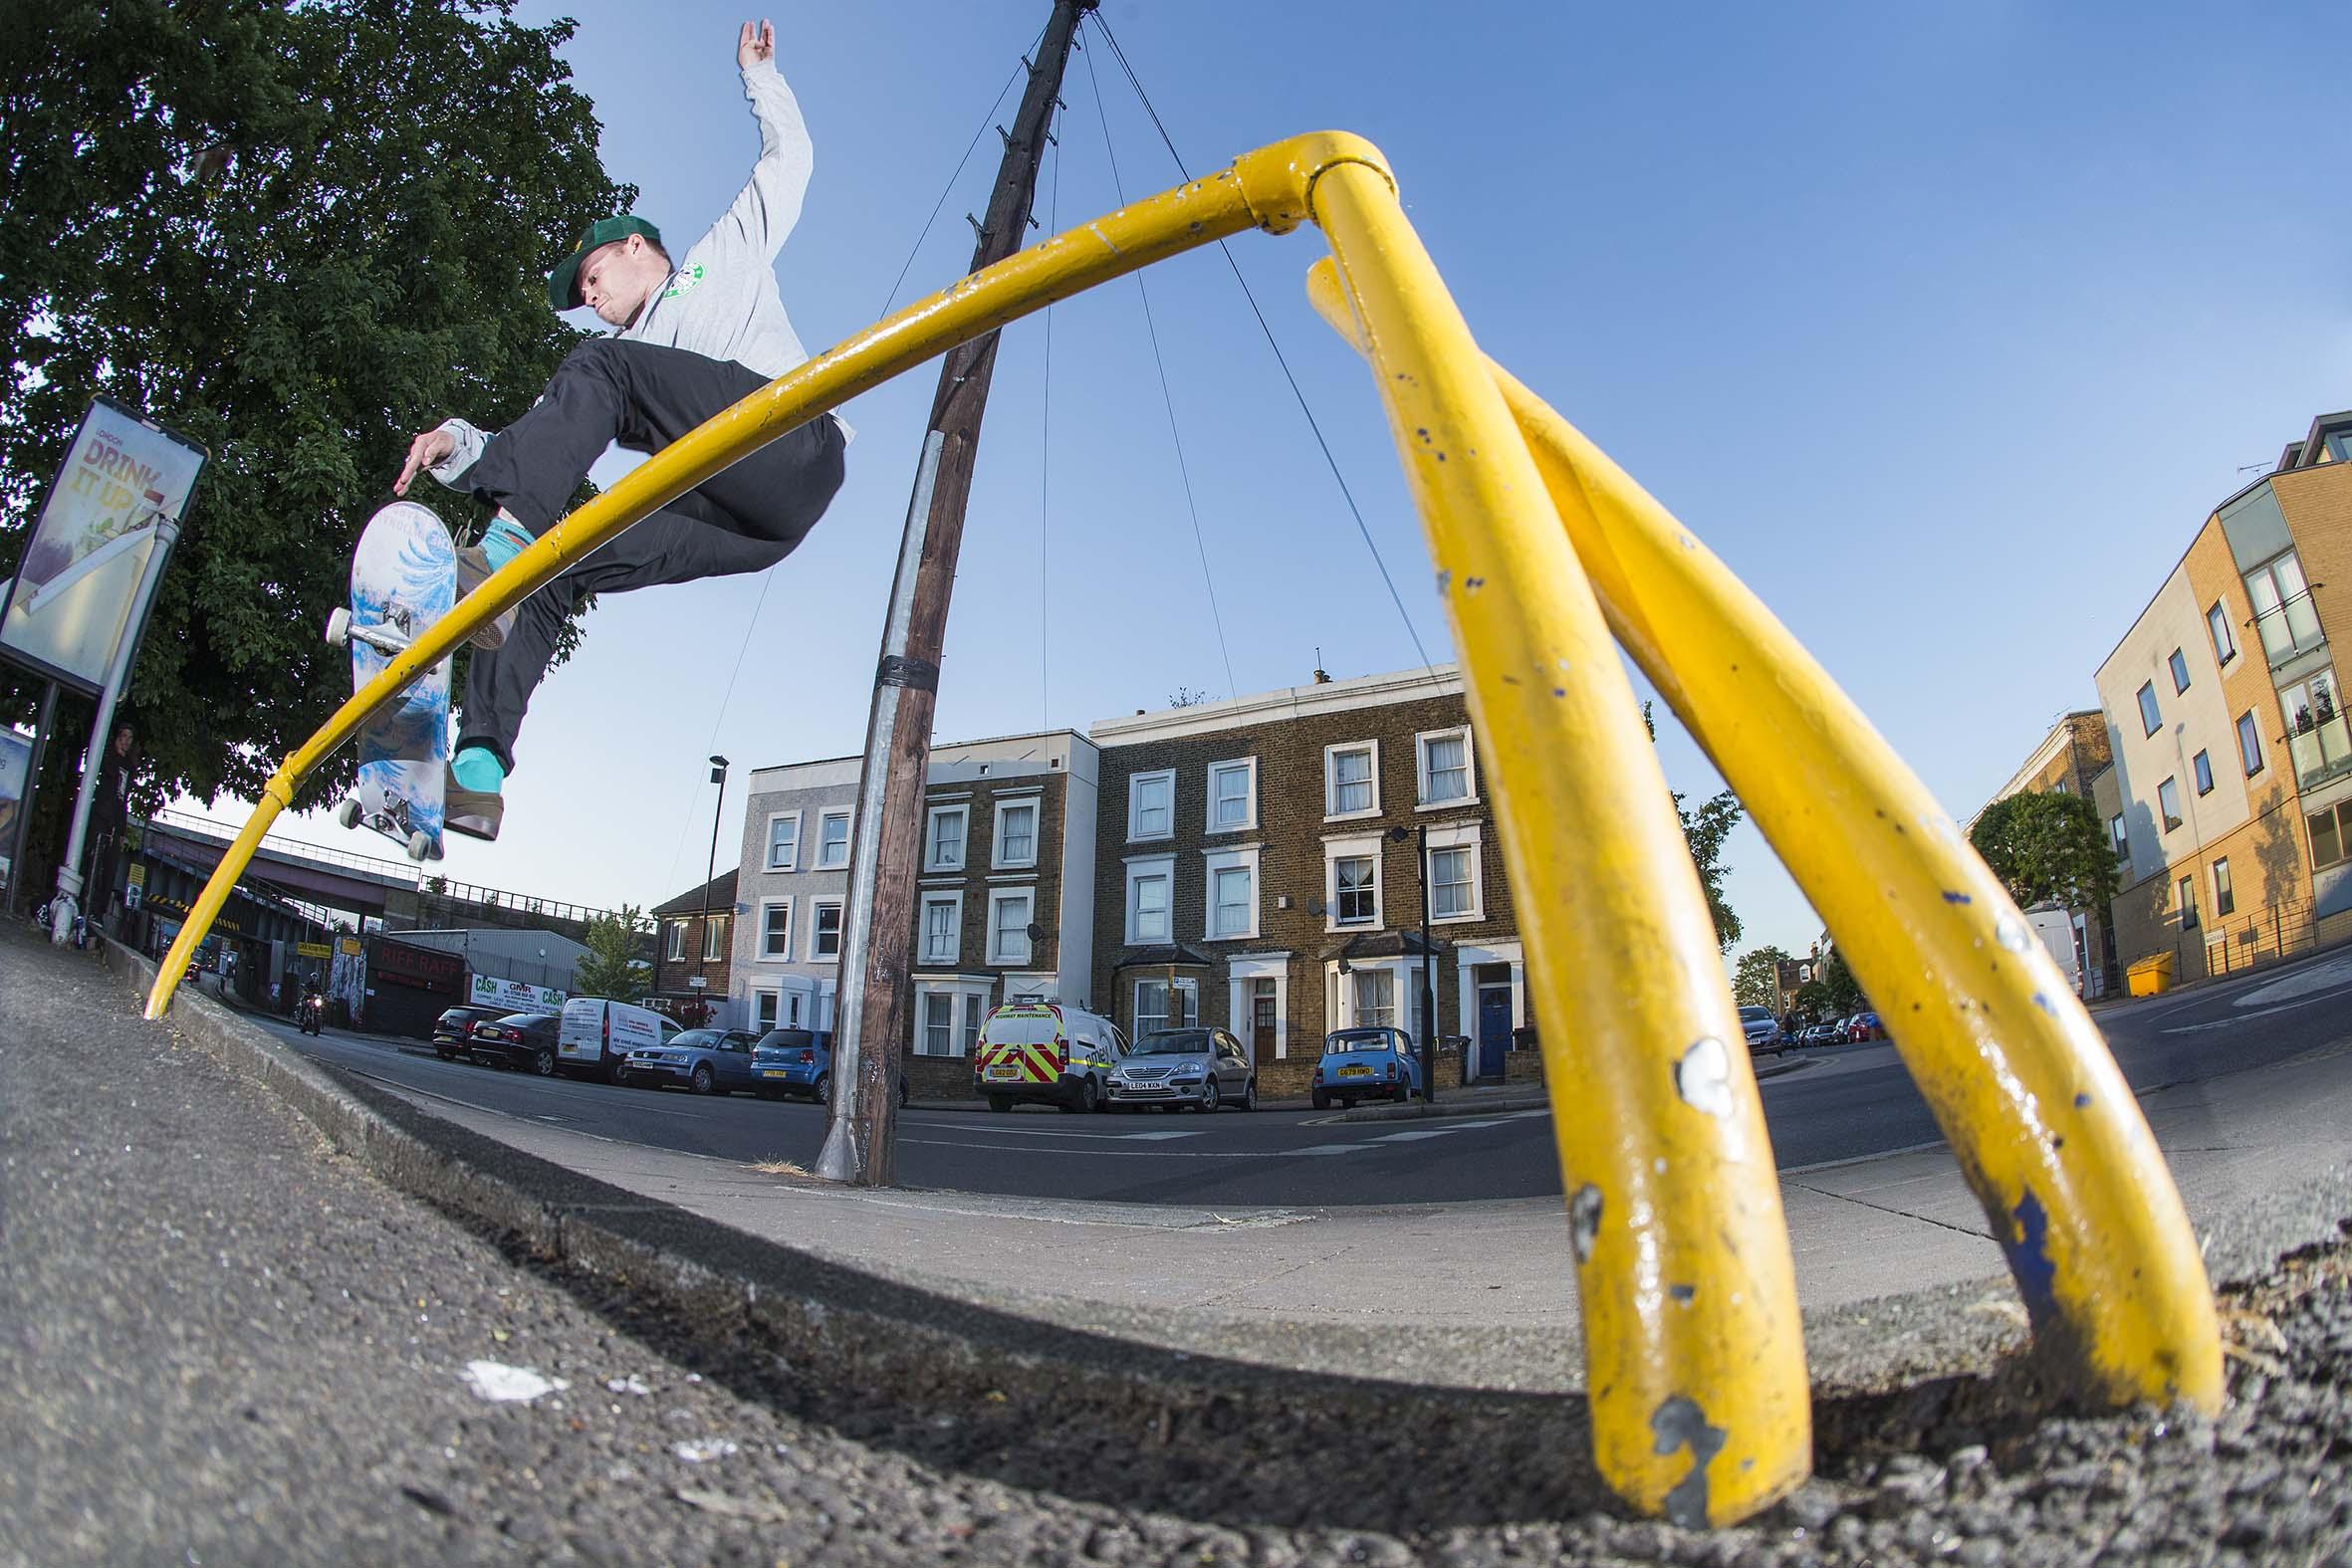 Matt Hay - frontside smith